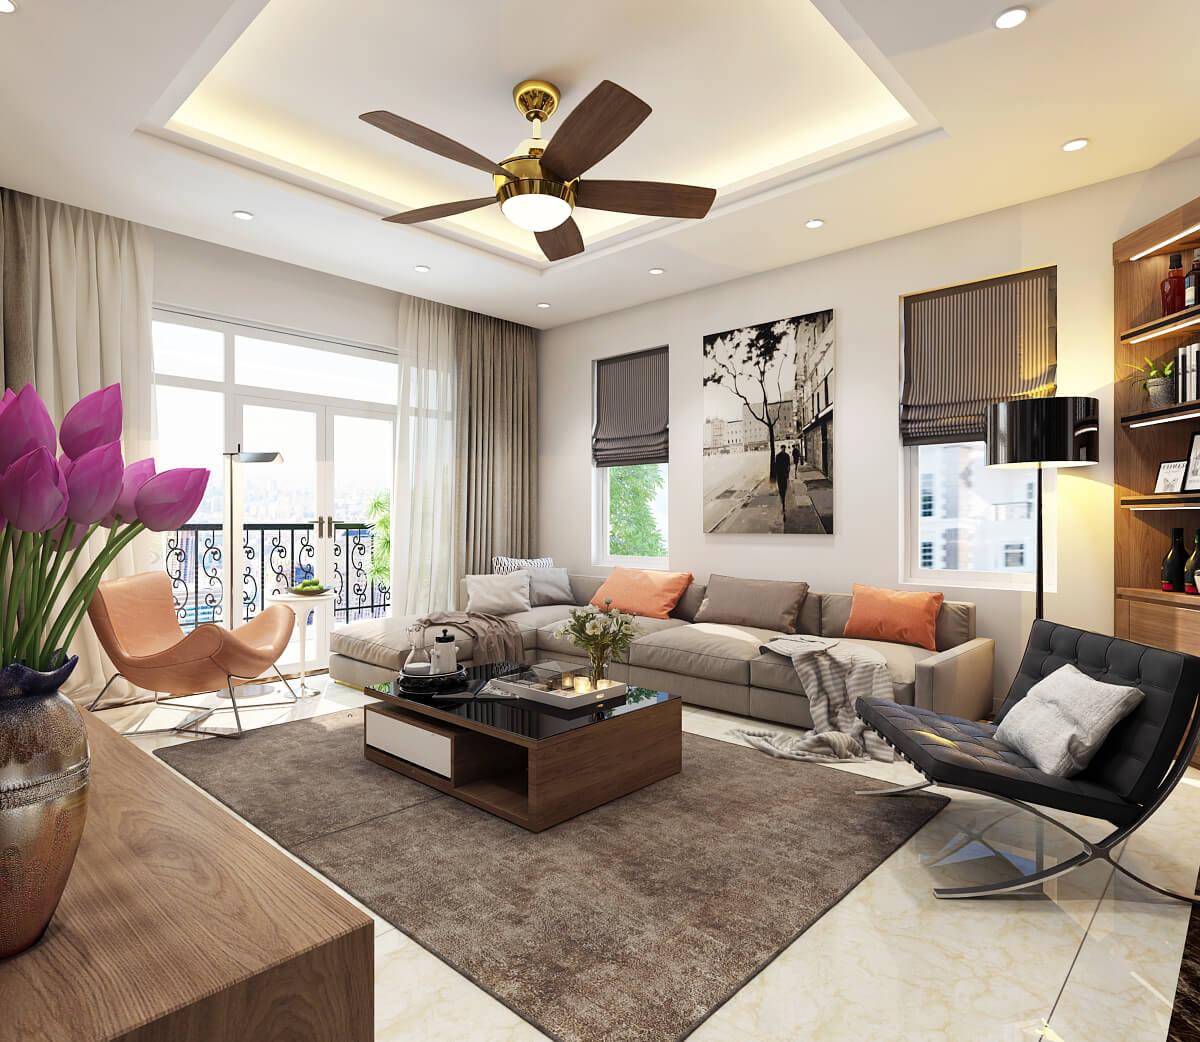 Phòng khách chung cư đẹp – Bí quyết sở hữu phòng khách ấn tượng ai cũng mê